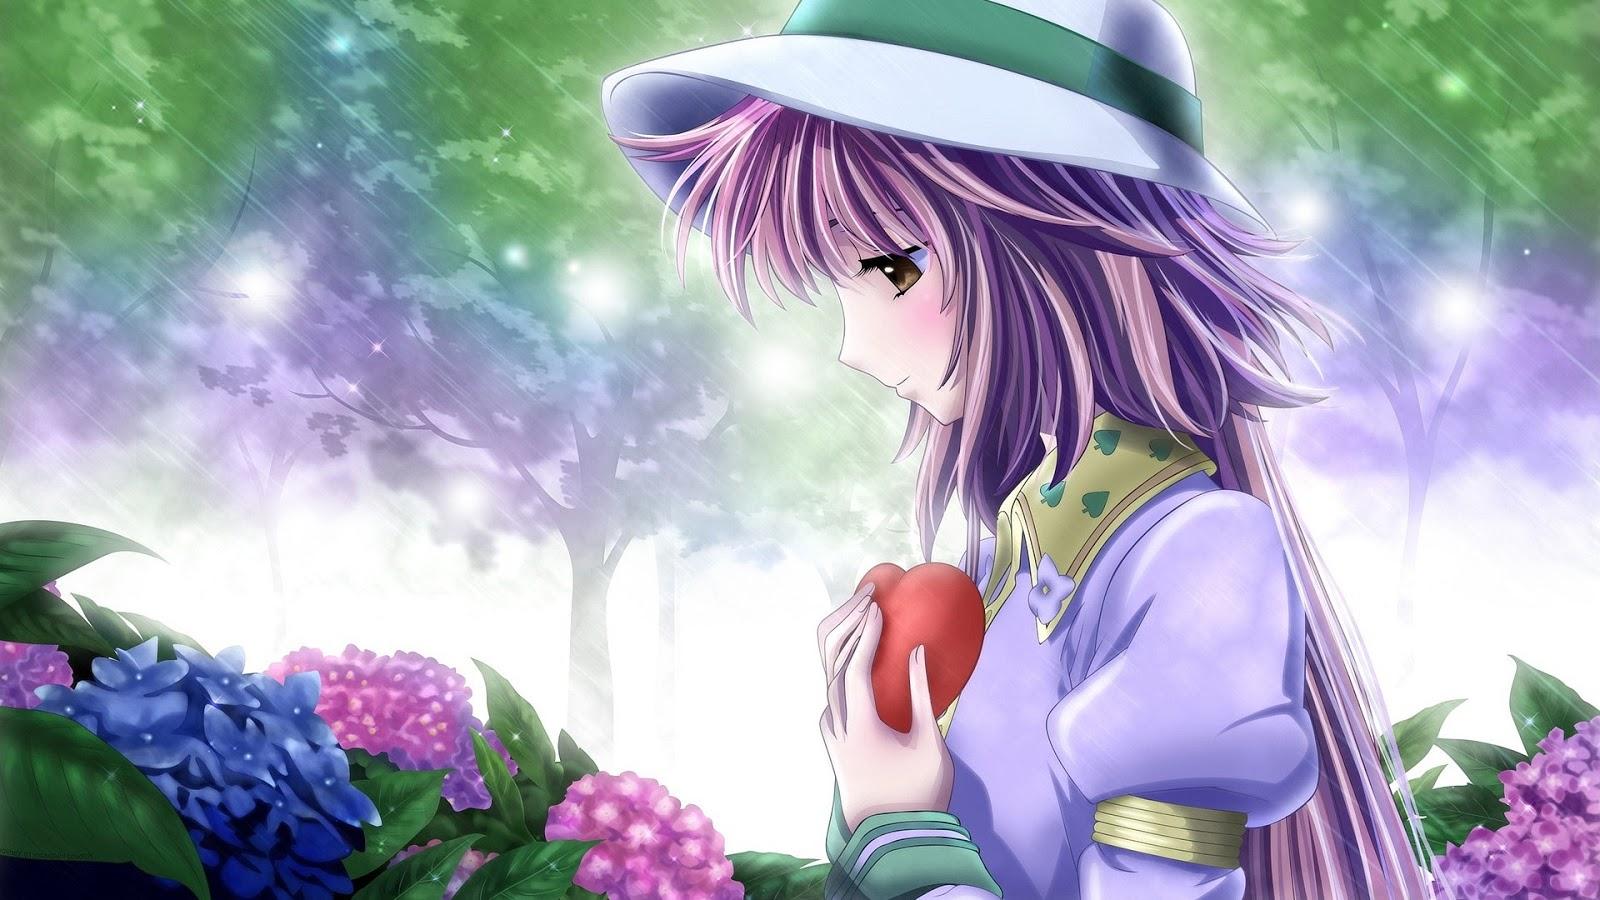 Anime Girl in Love Mystery Wallpaper